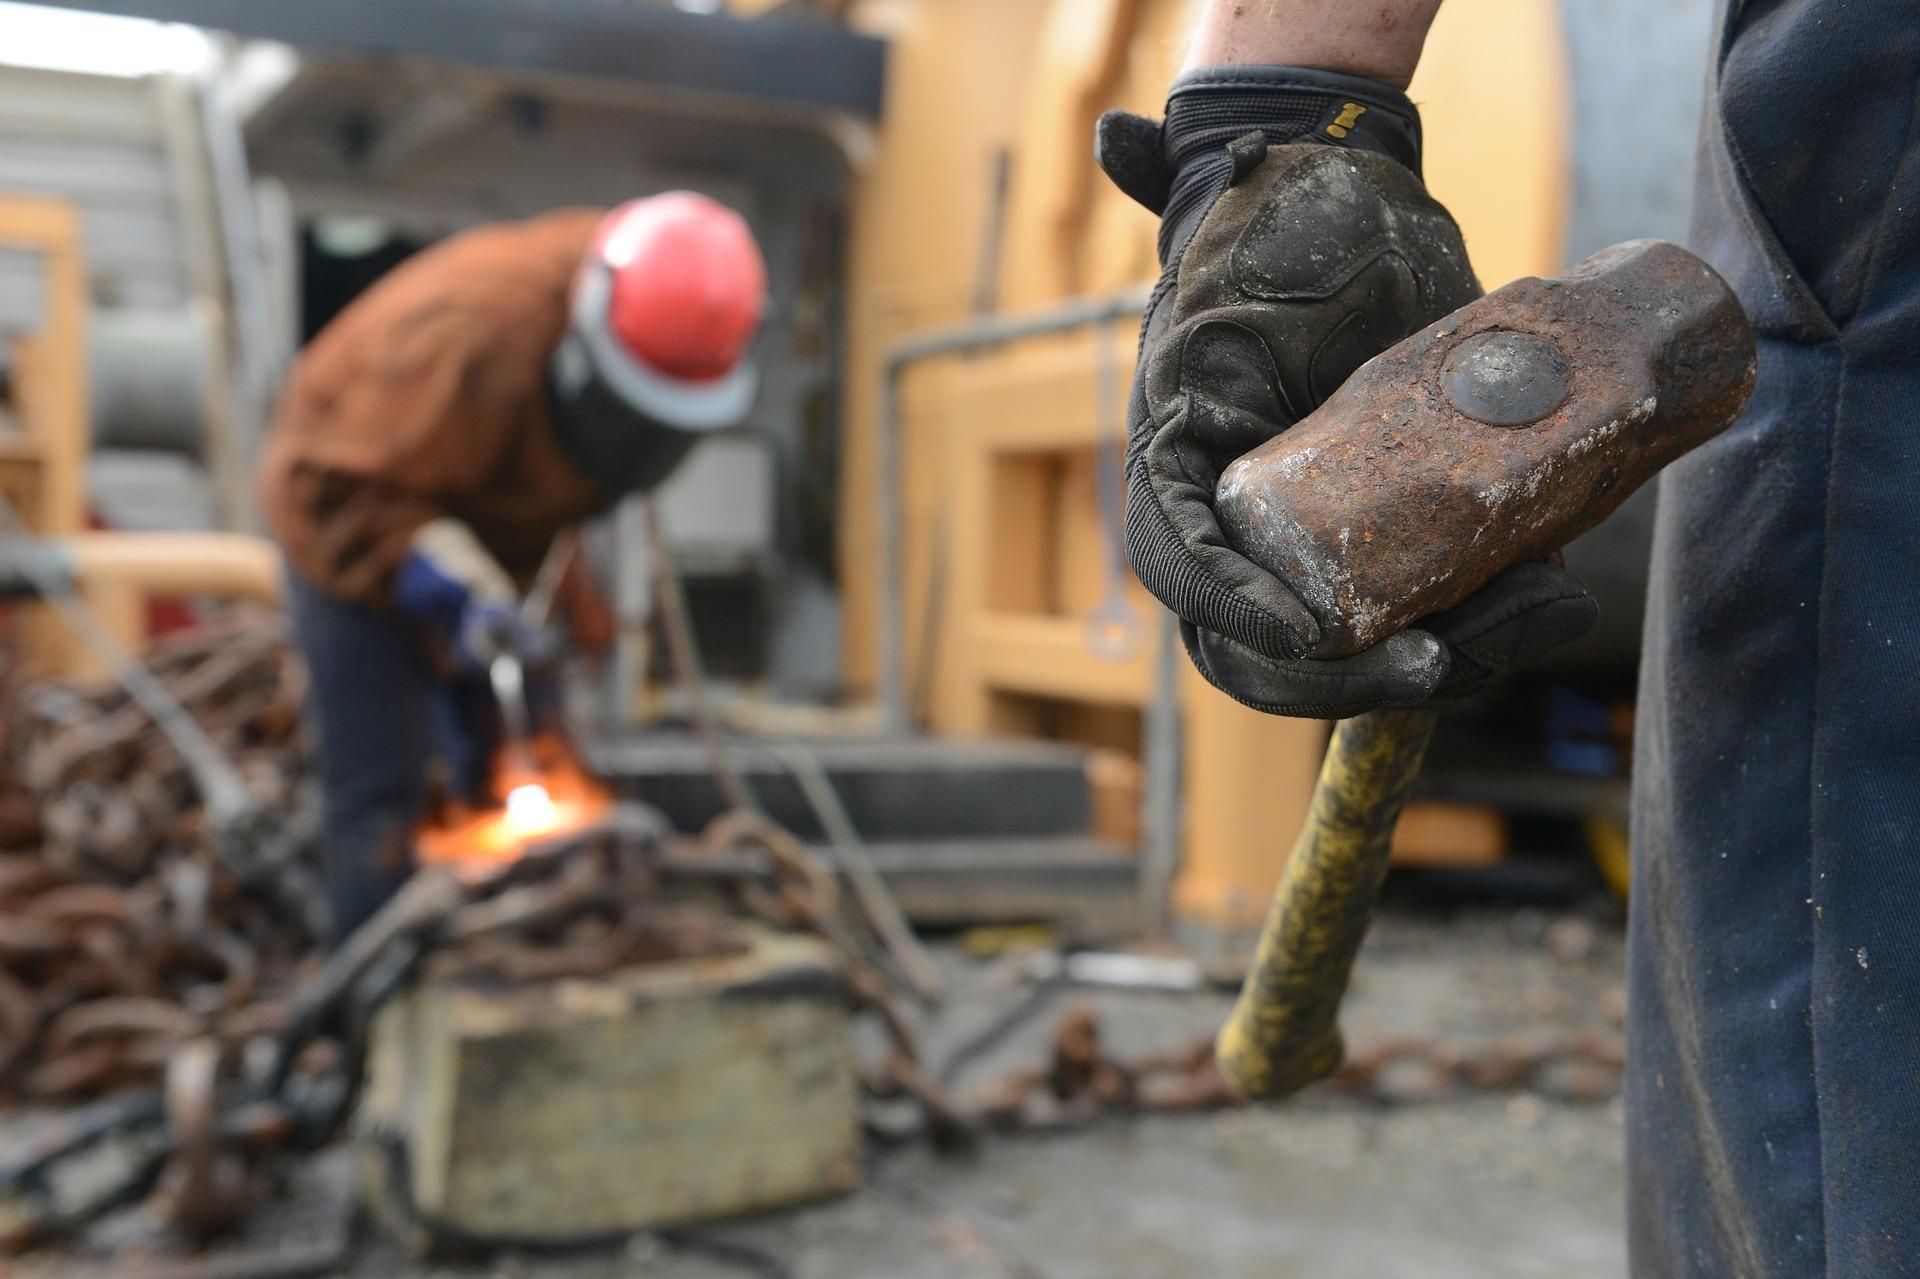 【結論】建設業も働き方改革をしないと、どんどん苦しくなる